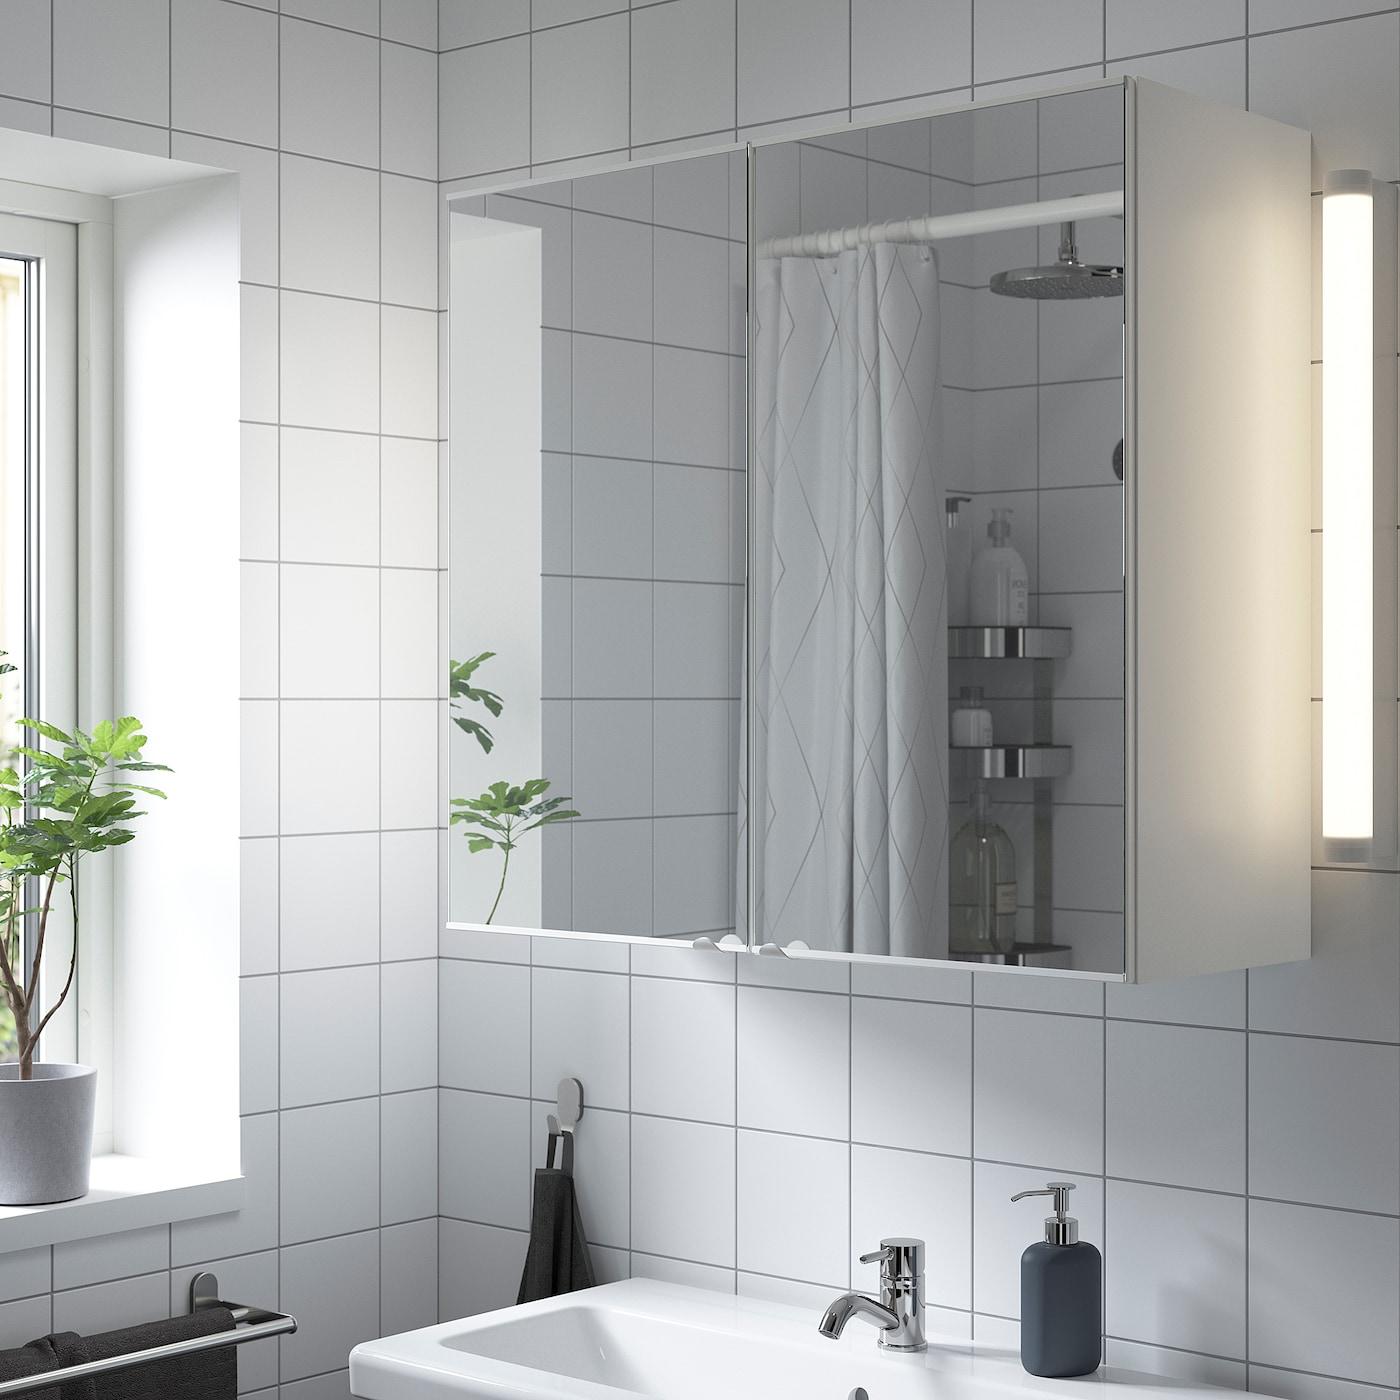 ENHET Spiegelschrank 20 Türen, weiß, 20x200x20 cm   IKEA Deutschland